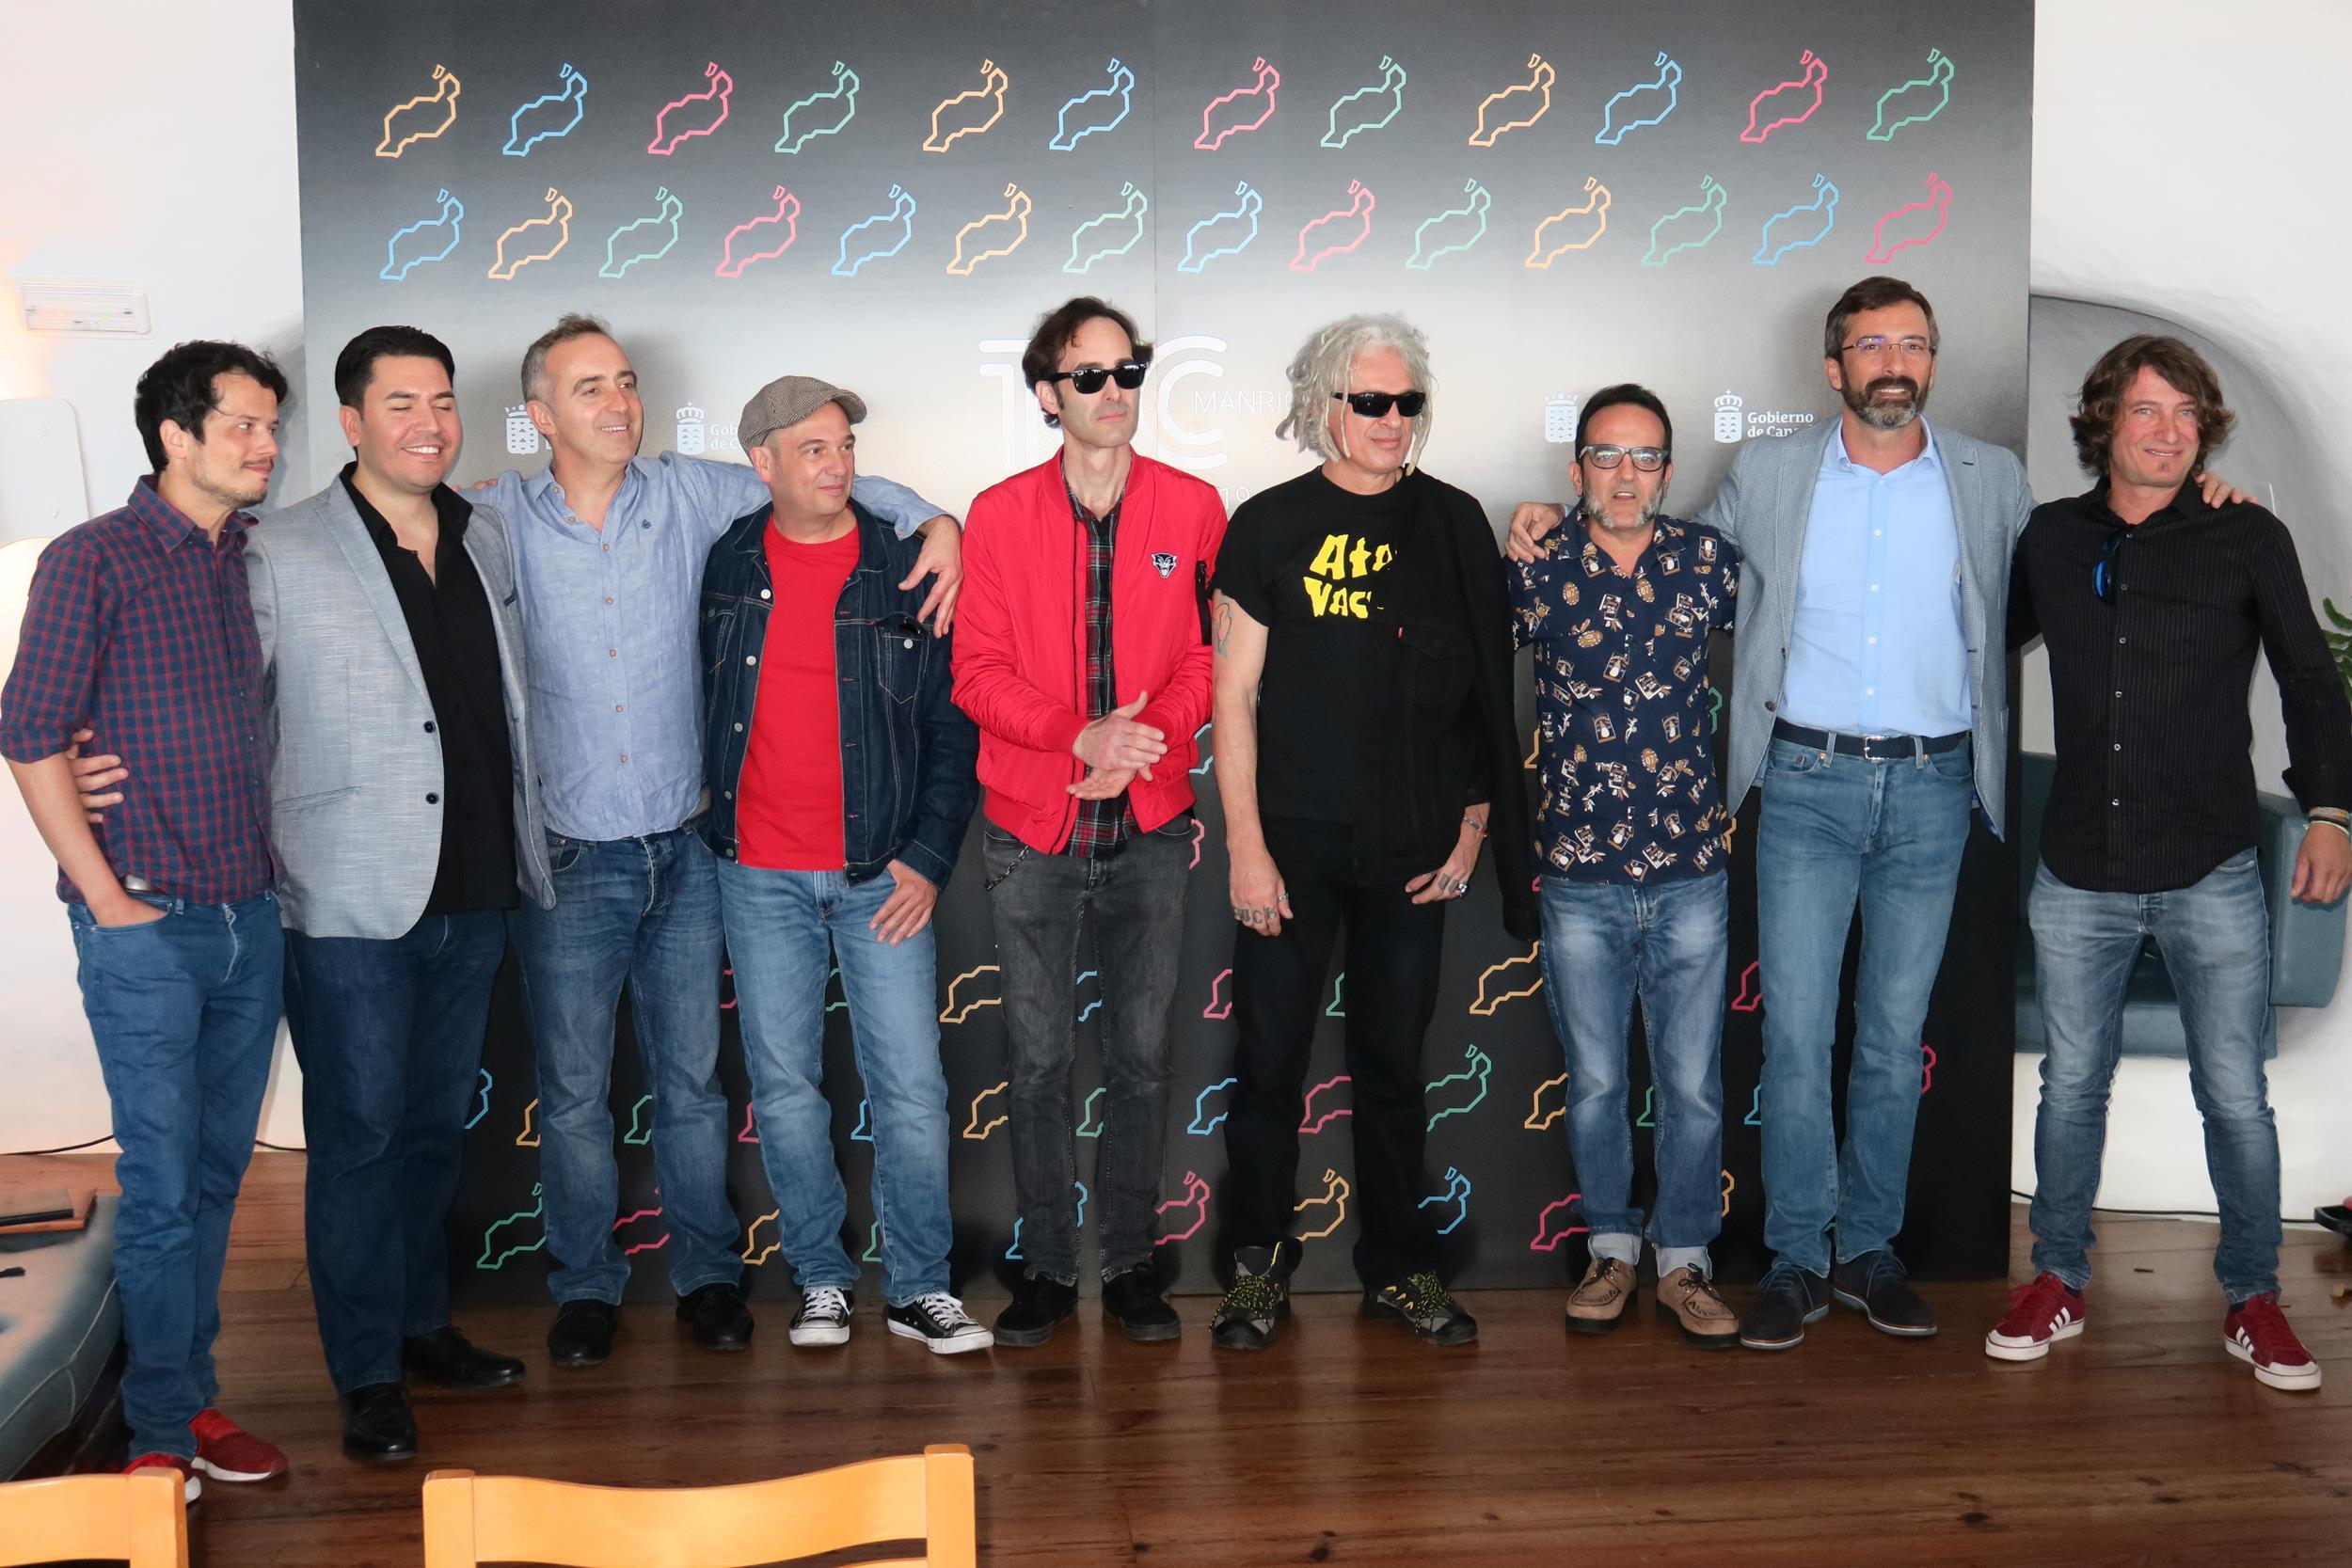 'Escenario Manrique' acogerá más de una veintena de espectáculos y conciertos en once días para conmemorar el centenario del nacimiento de César